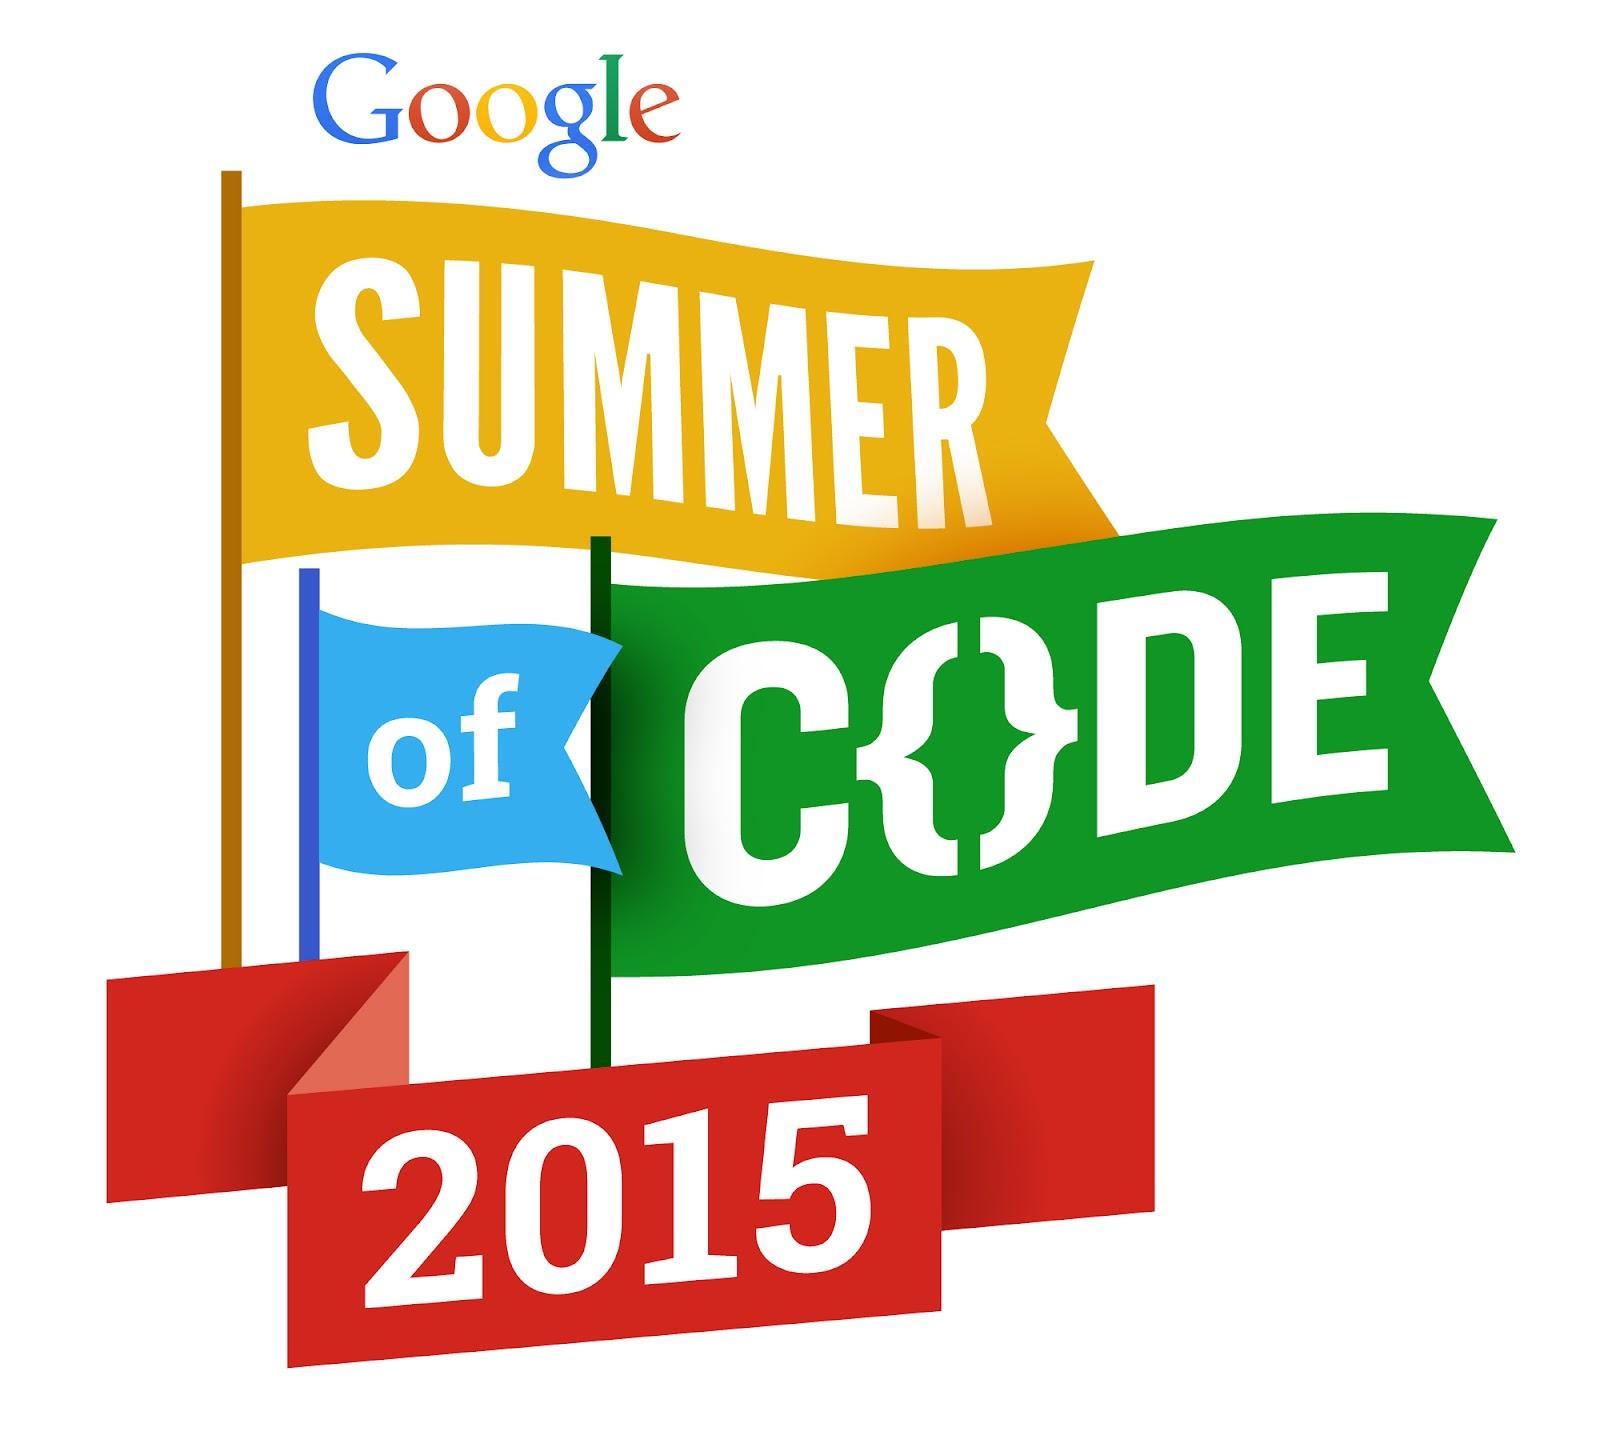 GoogleSummer_2015logo.jpg